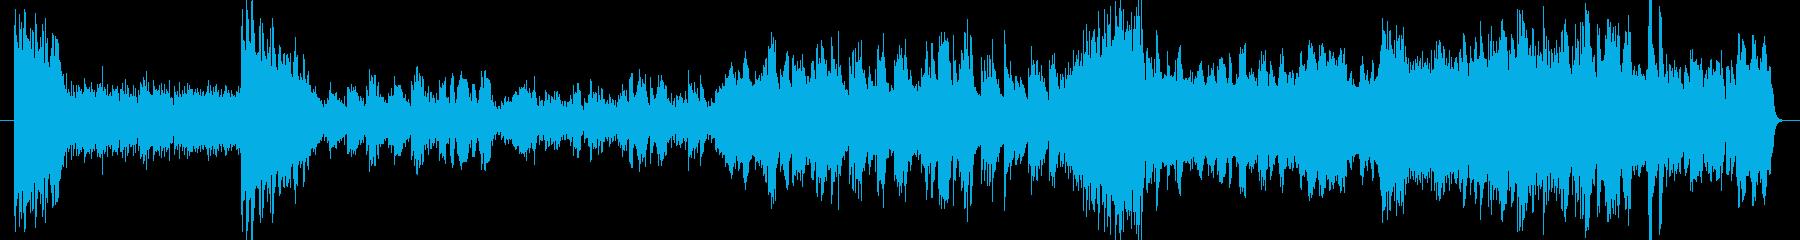 銀婚式のプレリュードの再生済みの波形